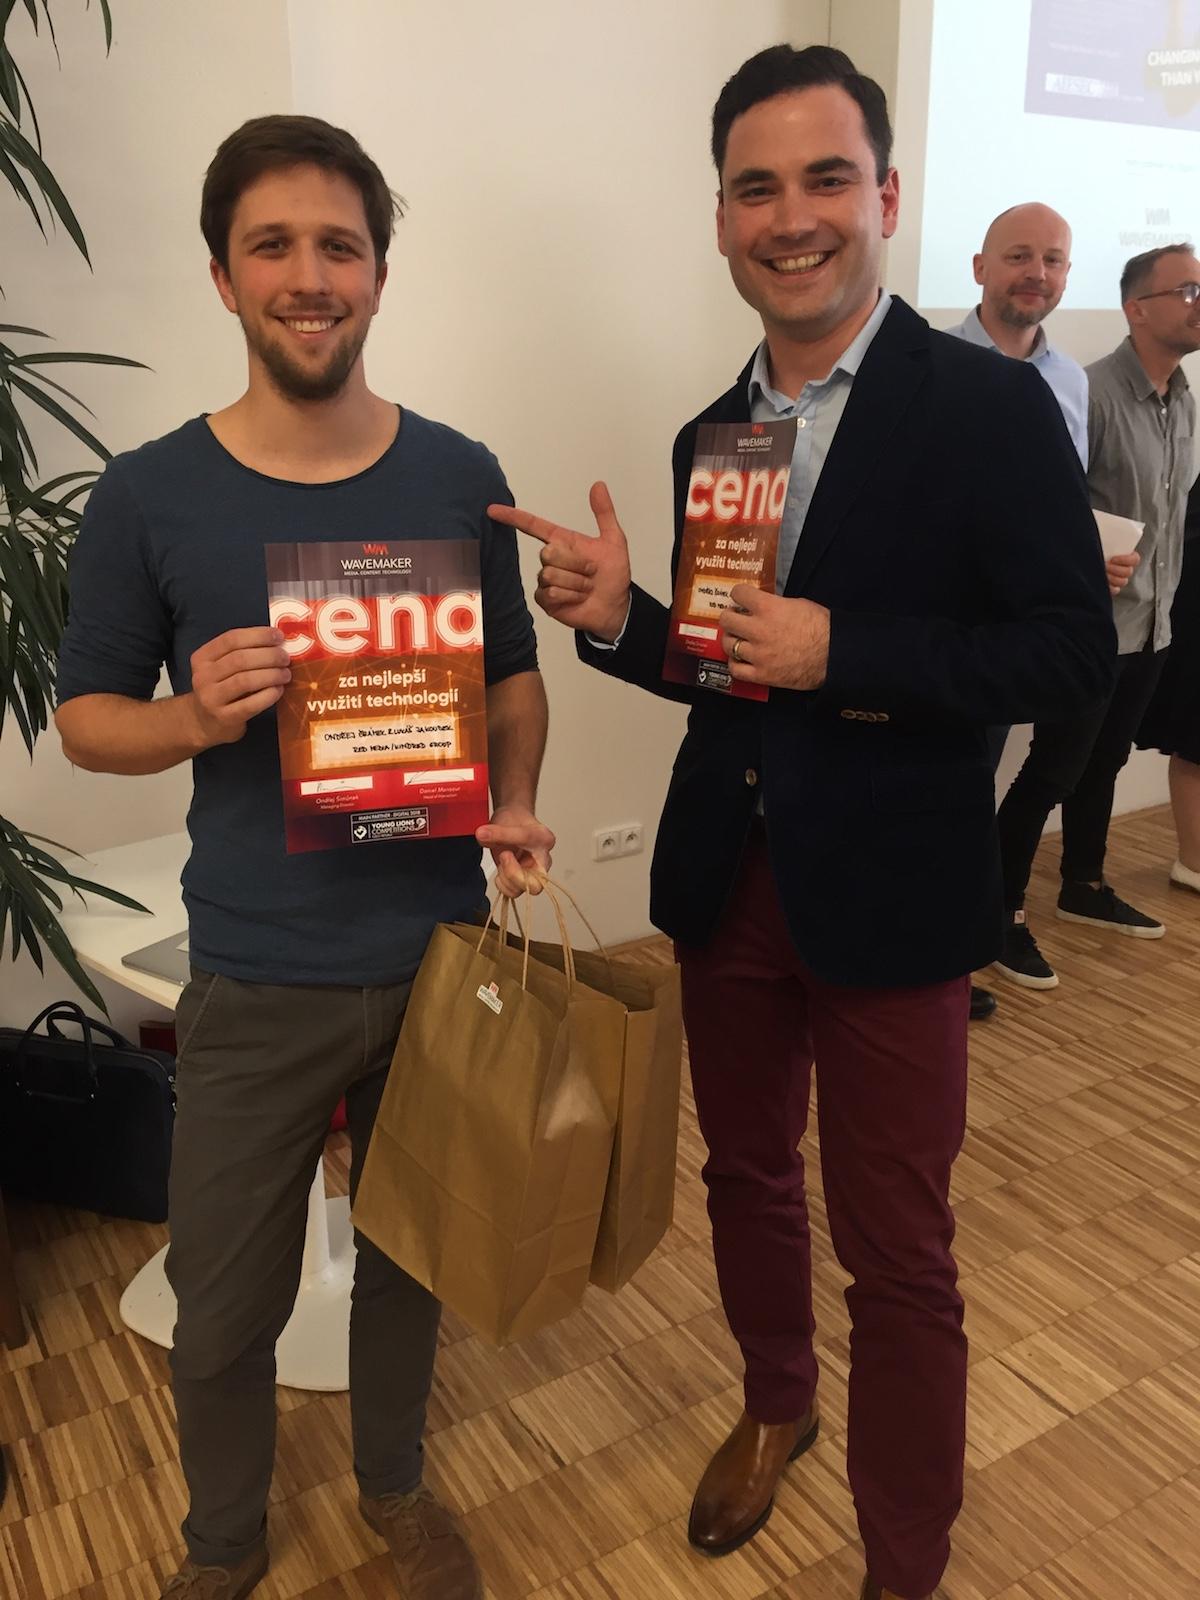 Speciální cenu pro tým z Red Media předával Daniel Mansour z Wavemakeru